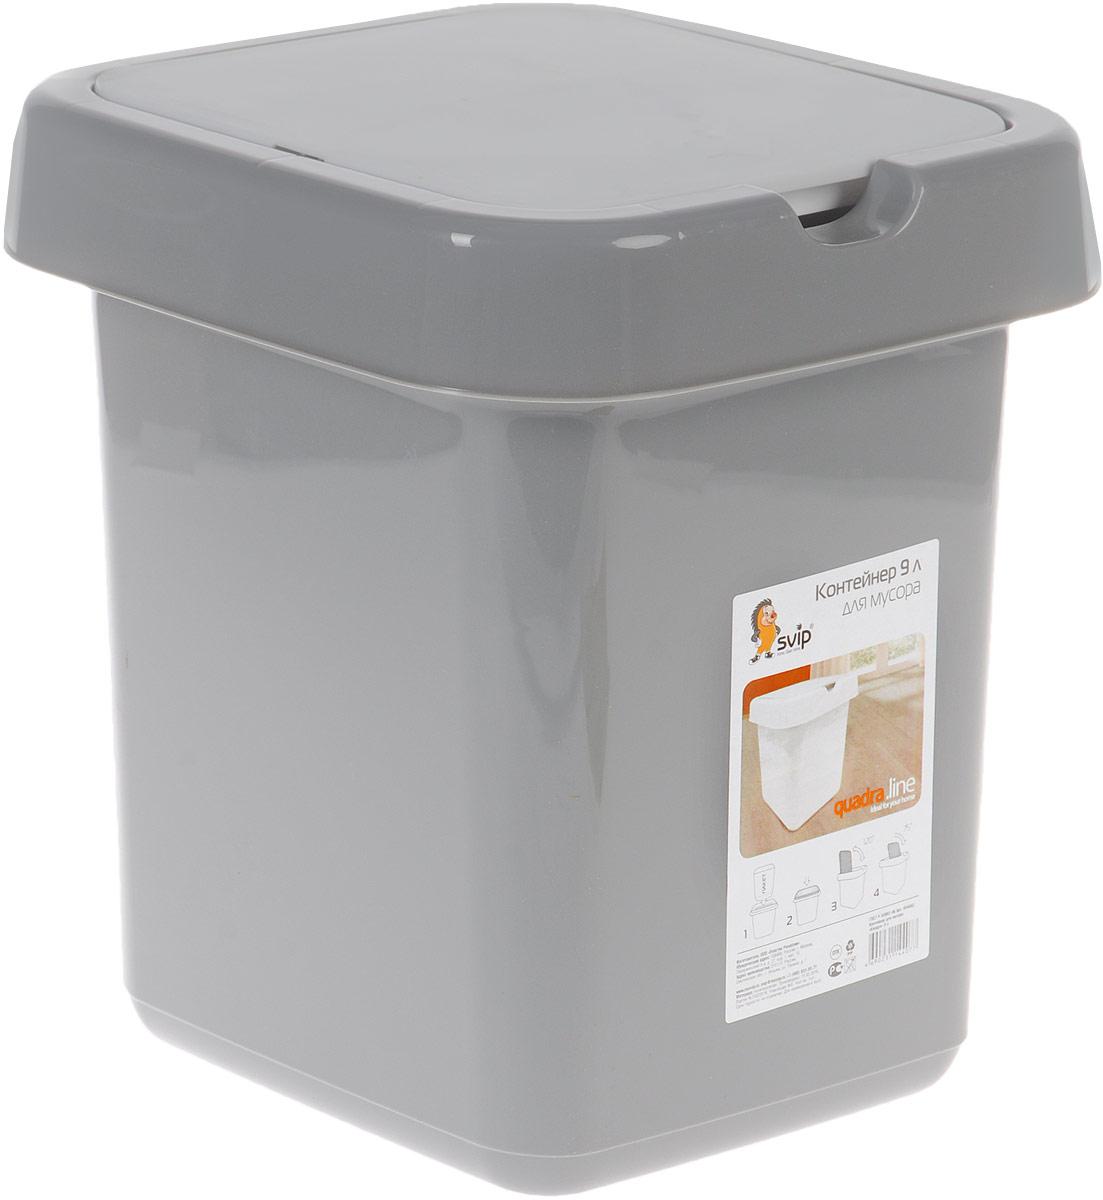 Контейнер для мусора Svip Квадра, цвет: серый, белый, 9 лН12_городМусорный контейнер Svip Квадра поможет поддержать порядок и чистоту накухне, в туалетной комнате или в офисе. Изделие, выполненное из полипропилена,не боится ударов и долгих лет использования. Изделие оснащено крышкой с двойным механизмом открывания, что обеспечиваетмаксимально удобное использование: откидной крышкой можно воспользоватьсяпри выбрасывании большого мусора, крышкой-маятником - для мусора меньшегообъема. Скрытые борта в корпусе изделия для аккуратного использованияодноразовых пакетов и сохранения эстетики изделия. Съемная верхняя частьконтейнера обеспечивает удобство извлечения накопившегося мусора. Эстетика изделия превращает необходимый предмет кухни или туалетной комнатыв стильное дополнение к интерьеру. Его легкость и прочность оптимально решаютпроблему сбора мусора.